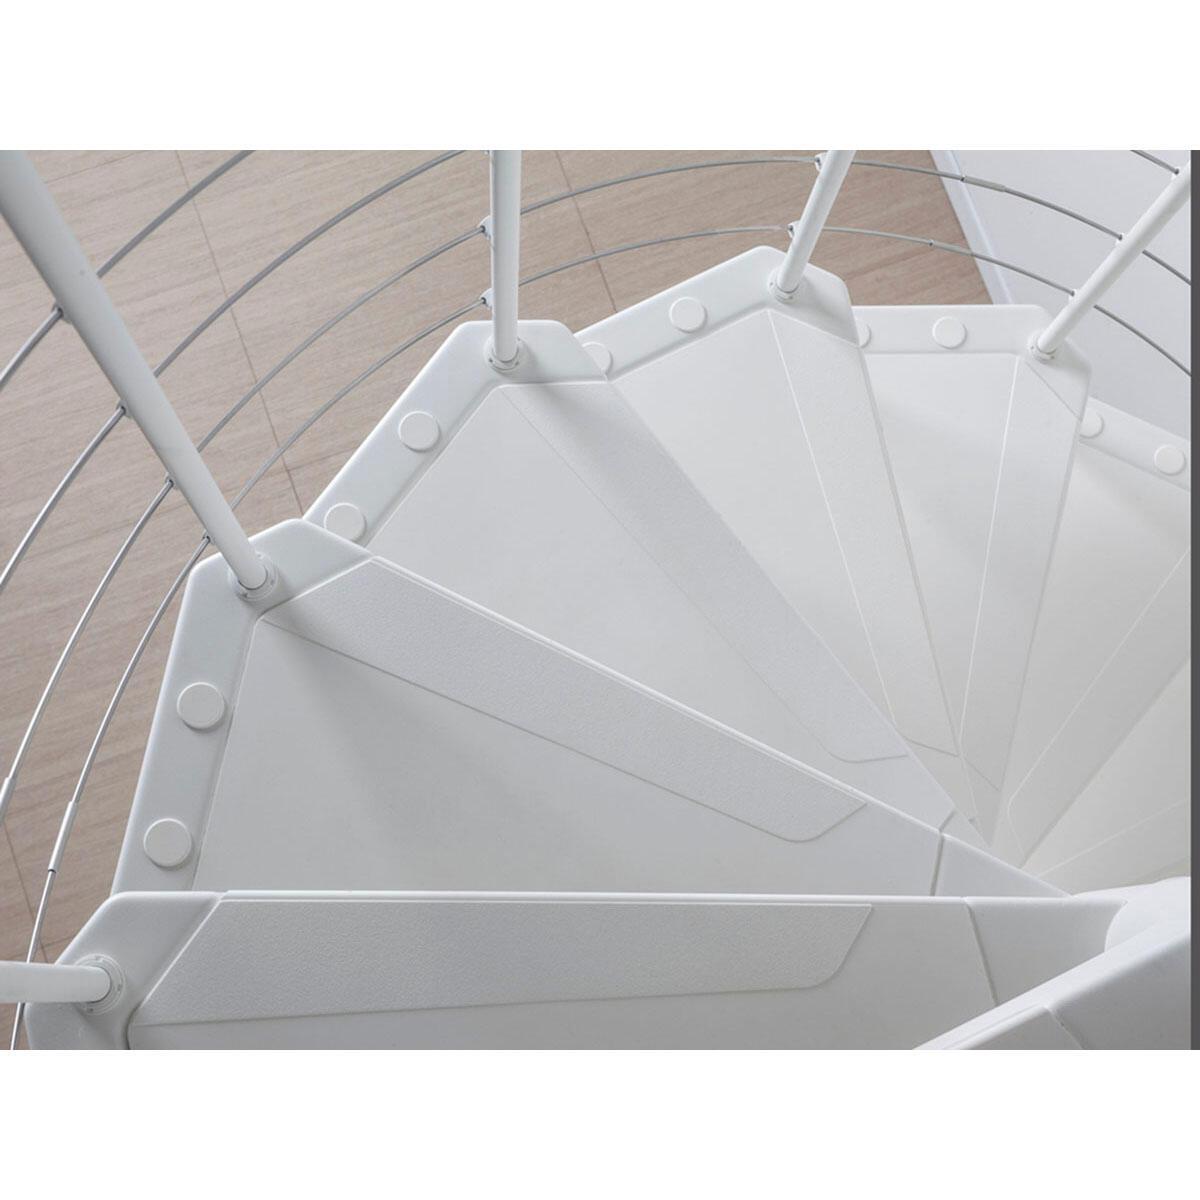 Scala a chiocciola tonda Gexi FONTANOT L 160 cm, gradino bianco, struttura bianco - 5